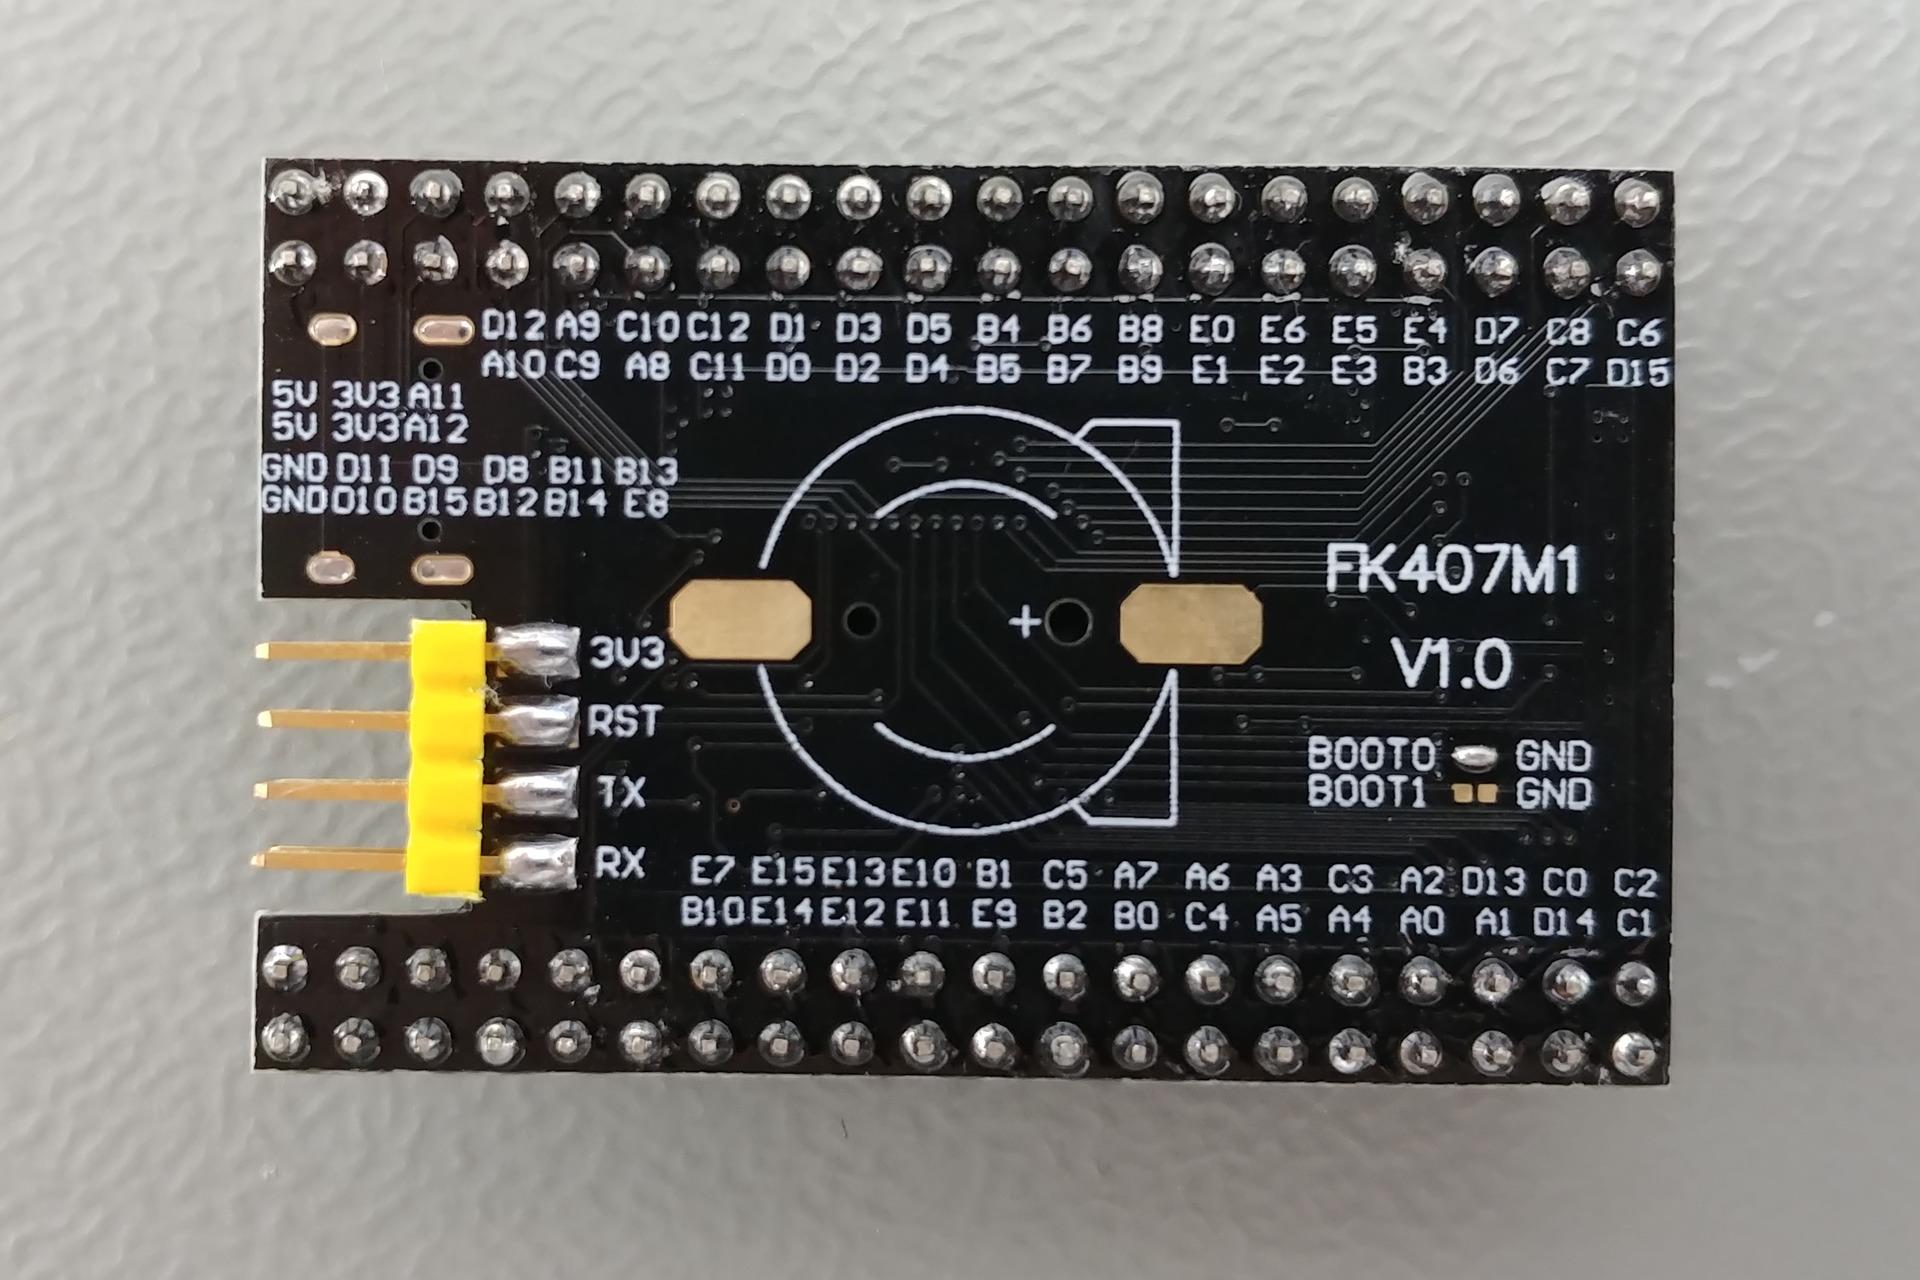 FK407M1 V1.0: Bottom view